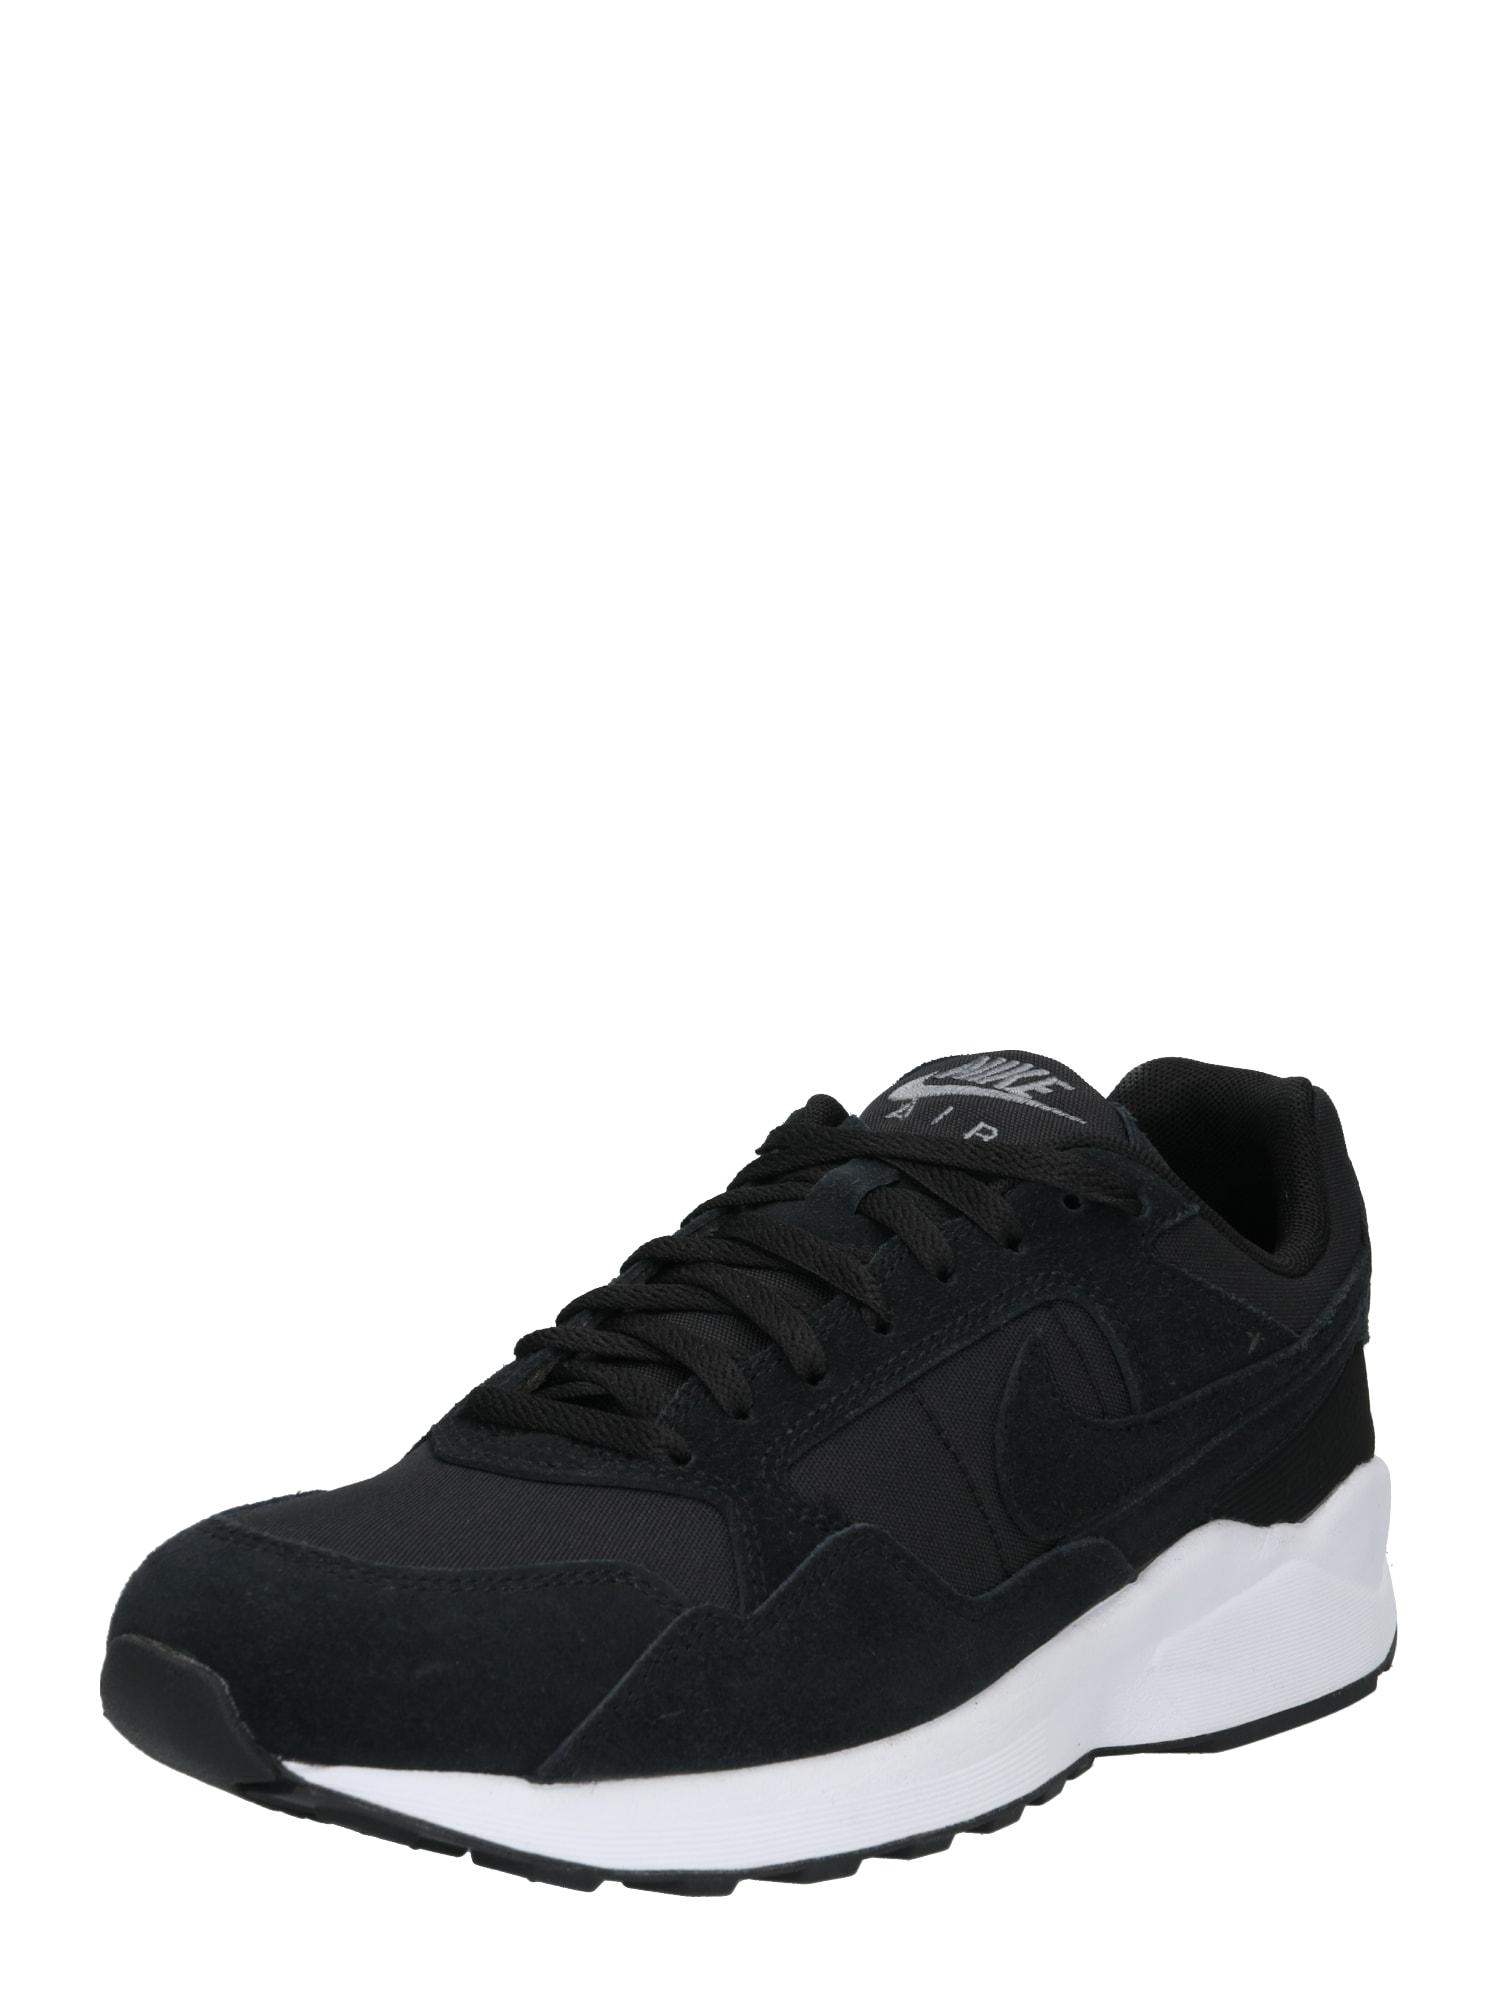 Tenisky AIR PEGASUS 92 LITE SE černá bílá Nike Sportswear